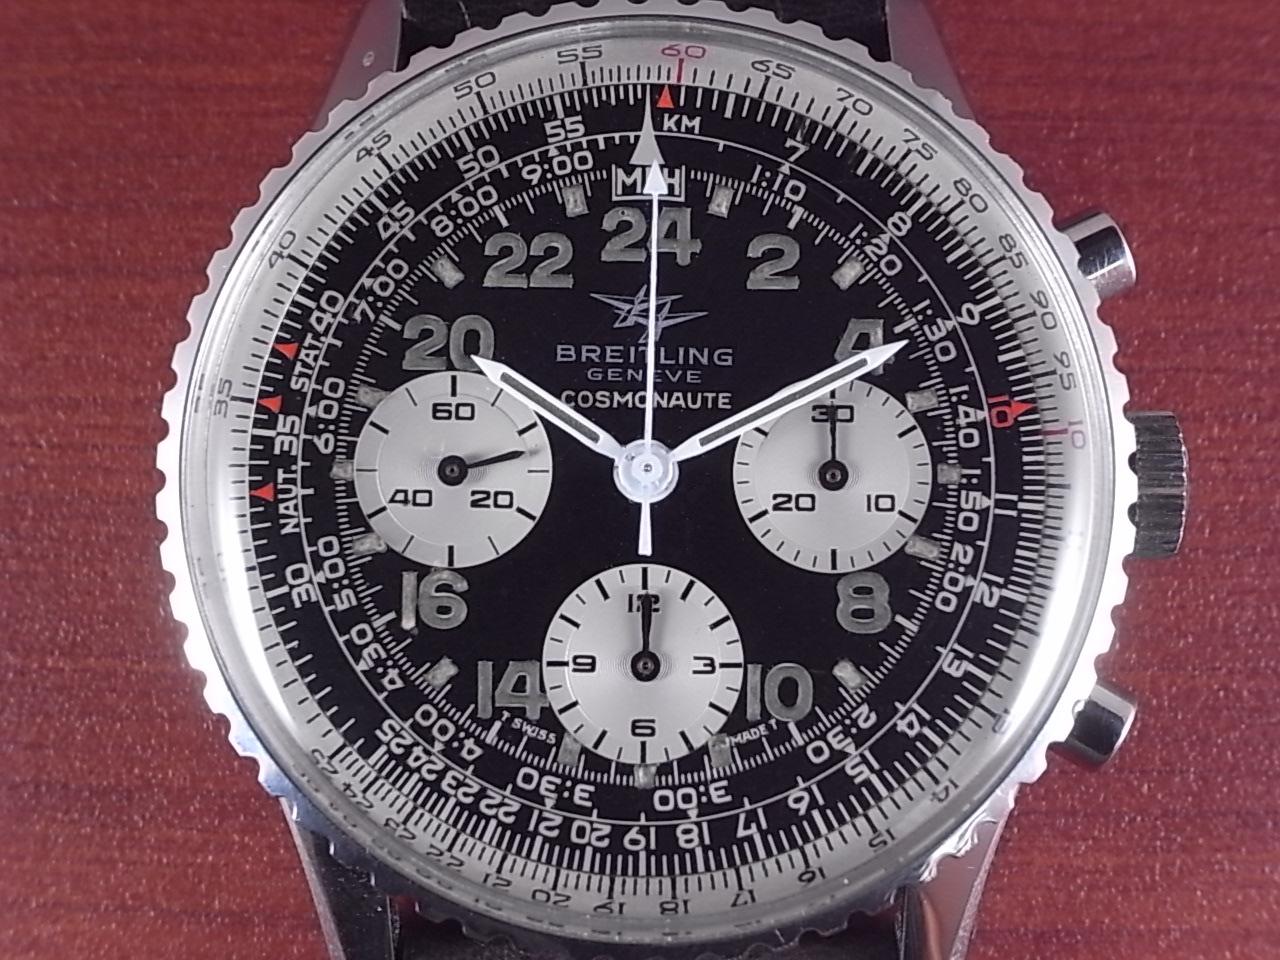 ブライトリング コスモノート Ref.809 24時間時計 ギャラ付き 1960年代の写真2枚目